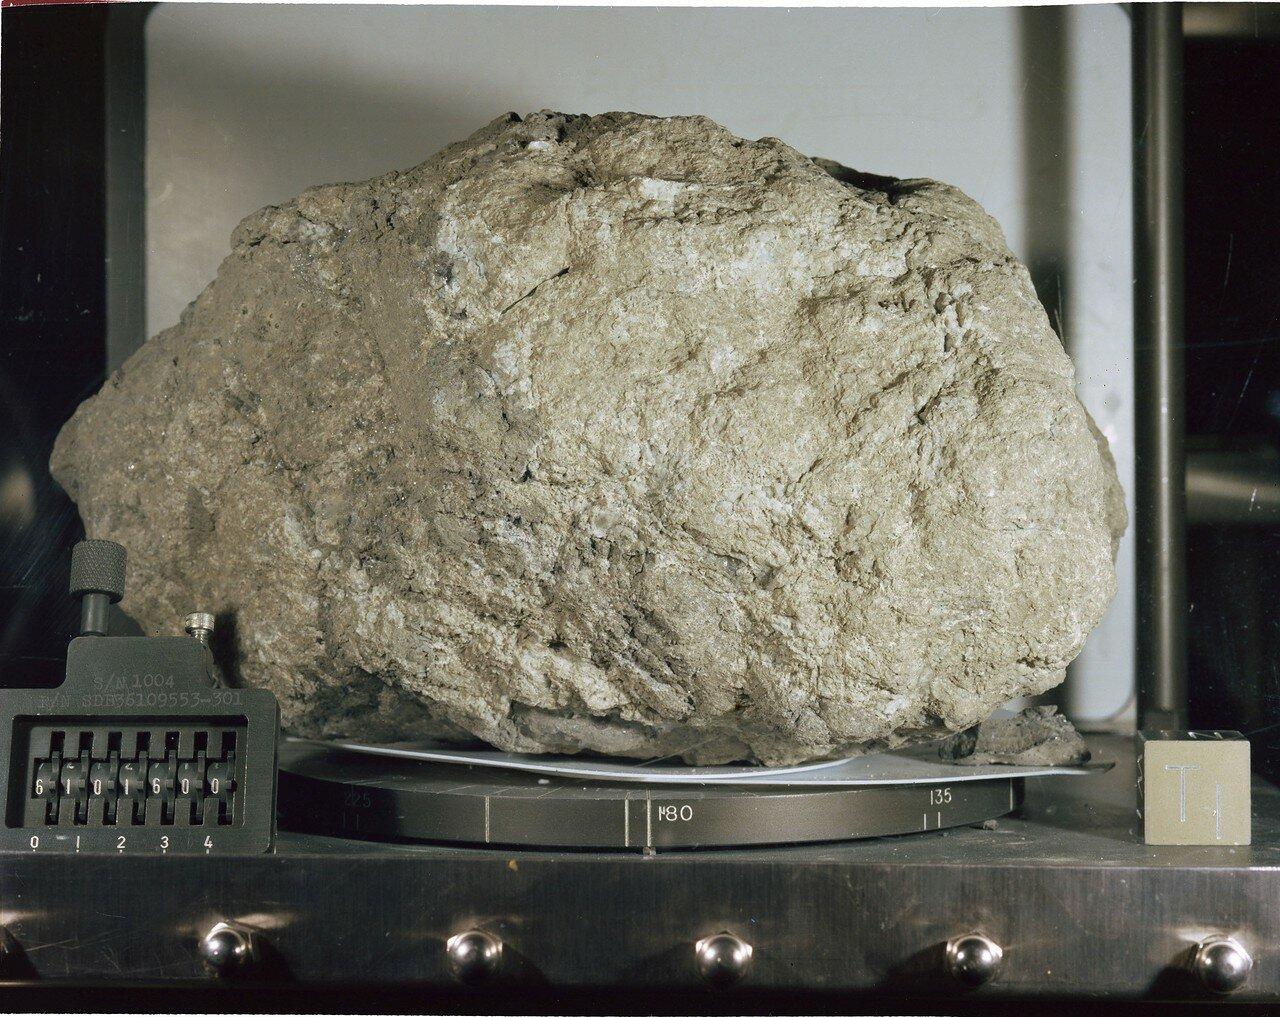 «Большой Мюли», массой 11,7 кг, превзошёл «Великого Скотта» (9,6 кг), подобранного командиром «Аполлона-15». Он стал самым массивным камнем из всех, доставленных с Луны «Аполлонами»